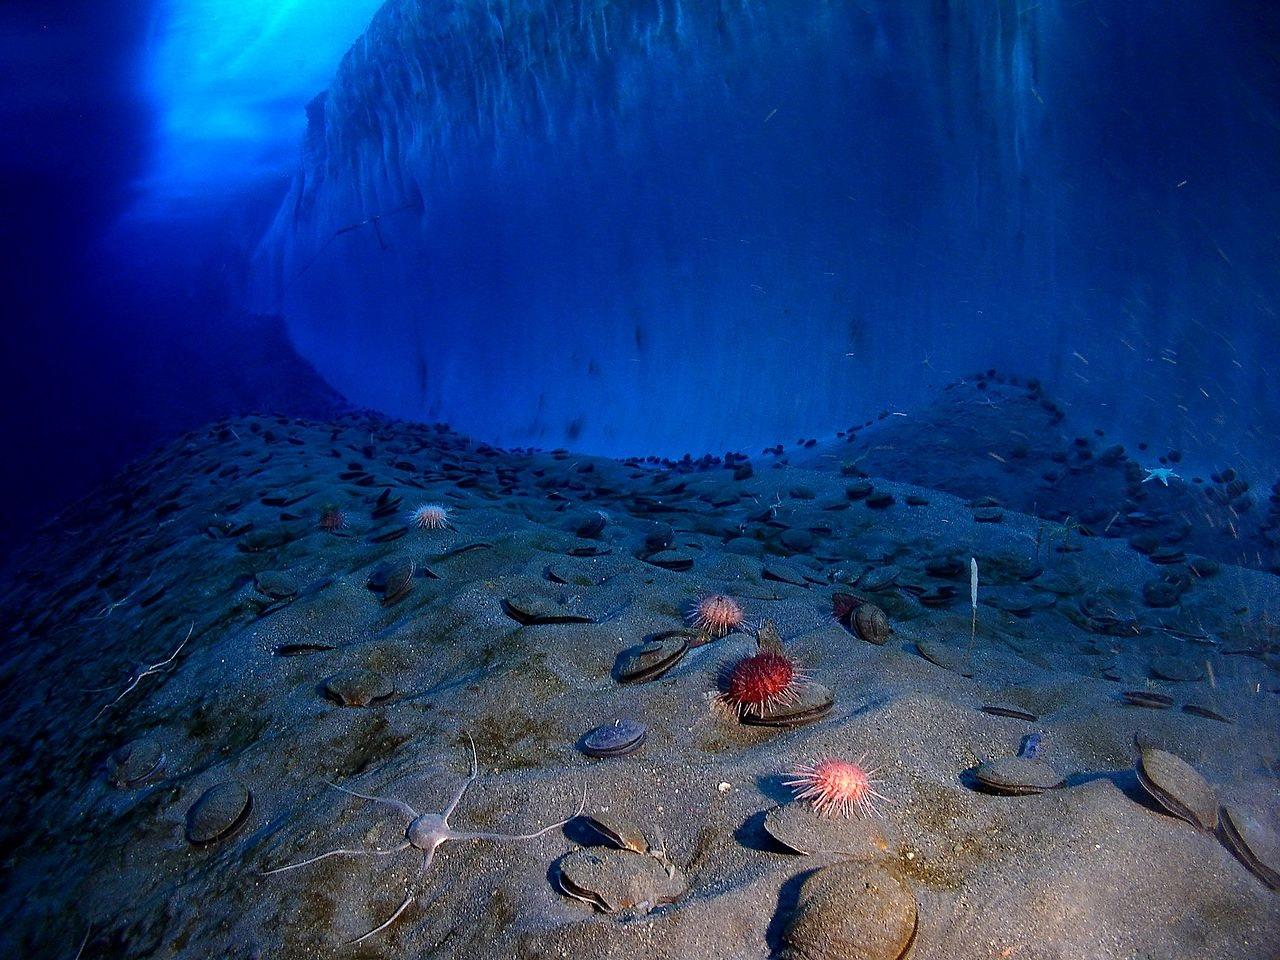 Fondo marino en el Océano Antártico.